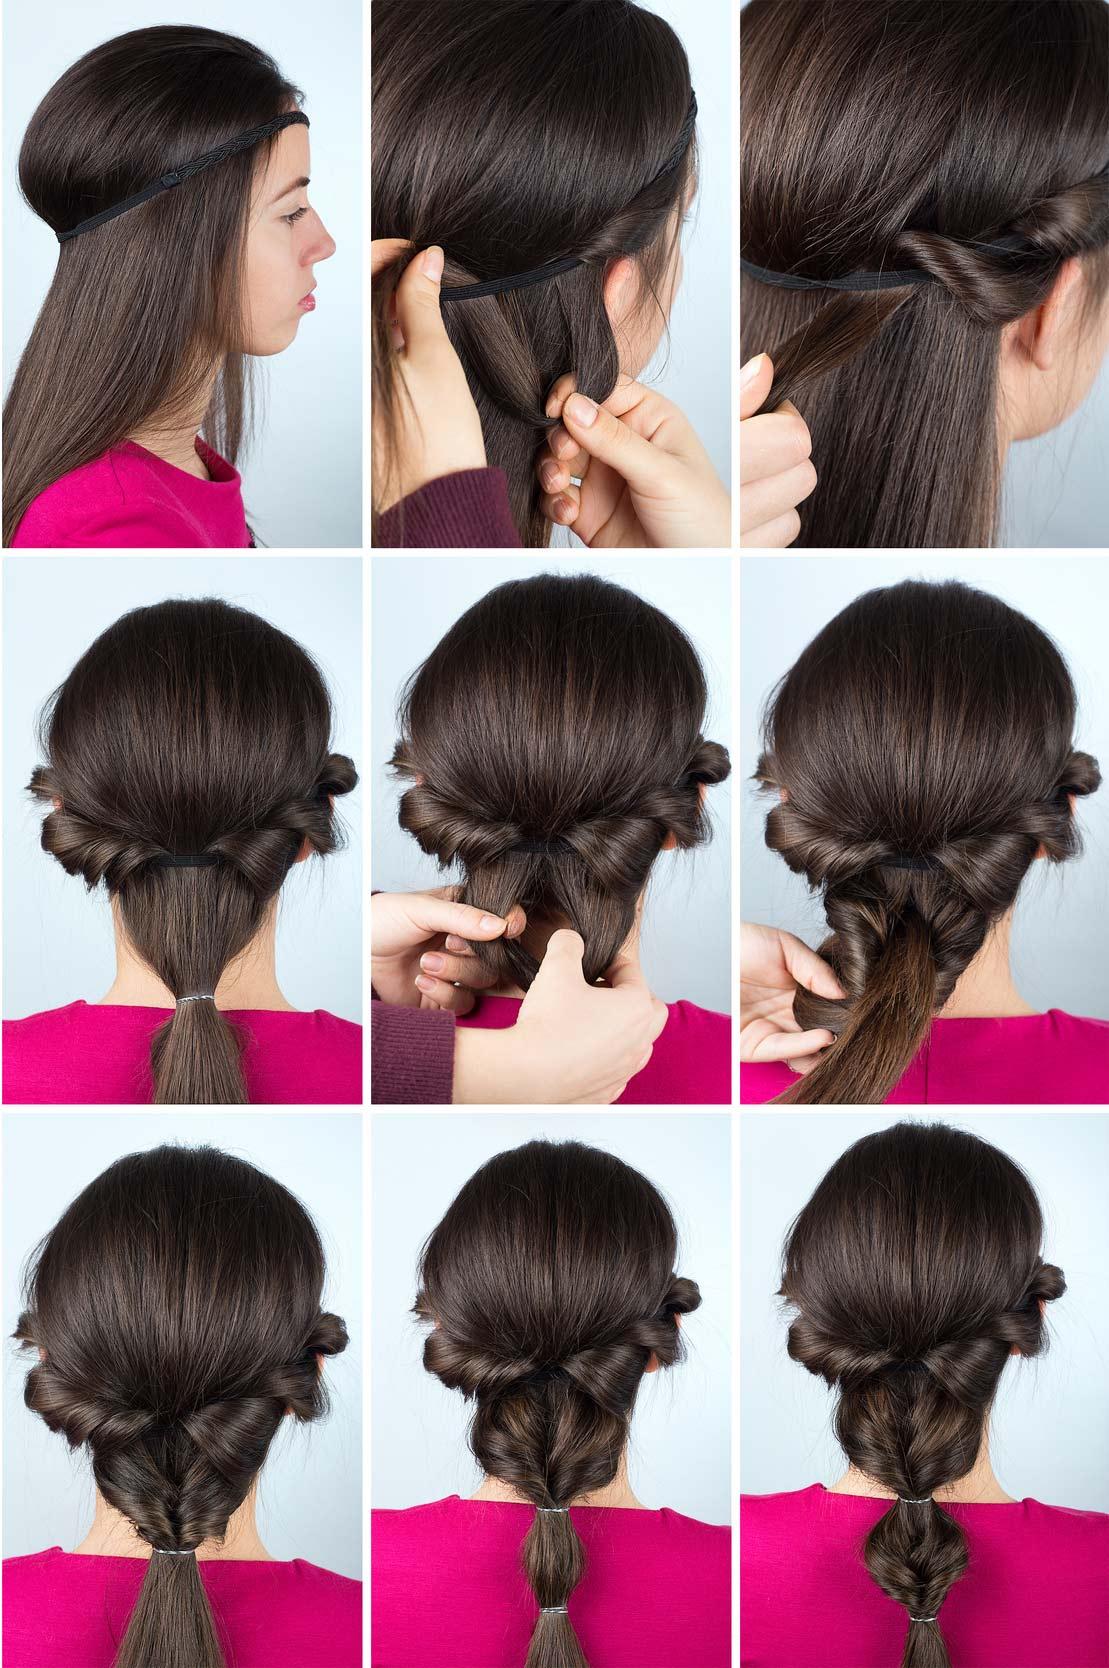 Sorprendentemente fácil peinados feria Fotos de cortes de pelo estilo - Peinados fáciles para la Feria 2017 - Bulevar Sur